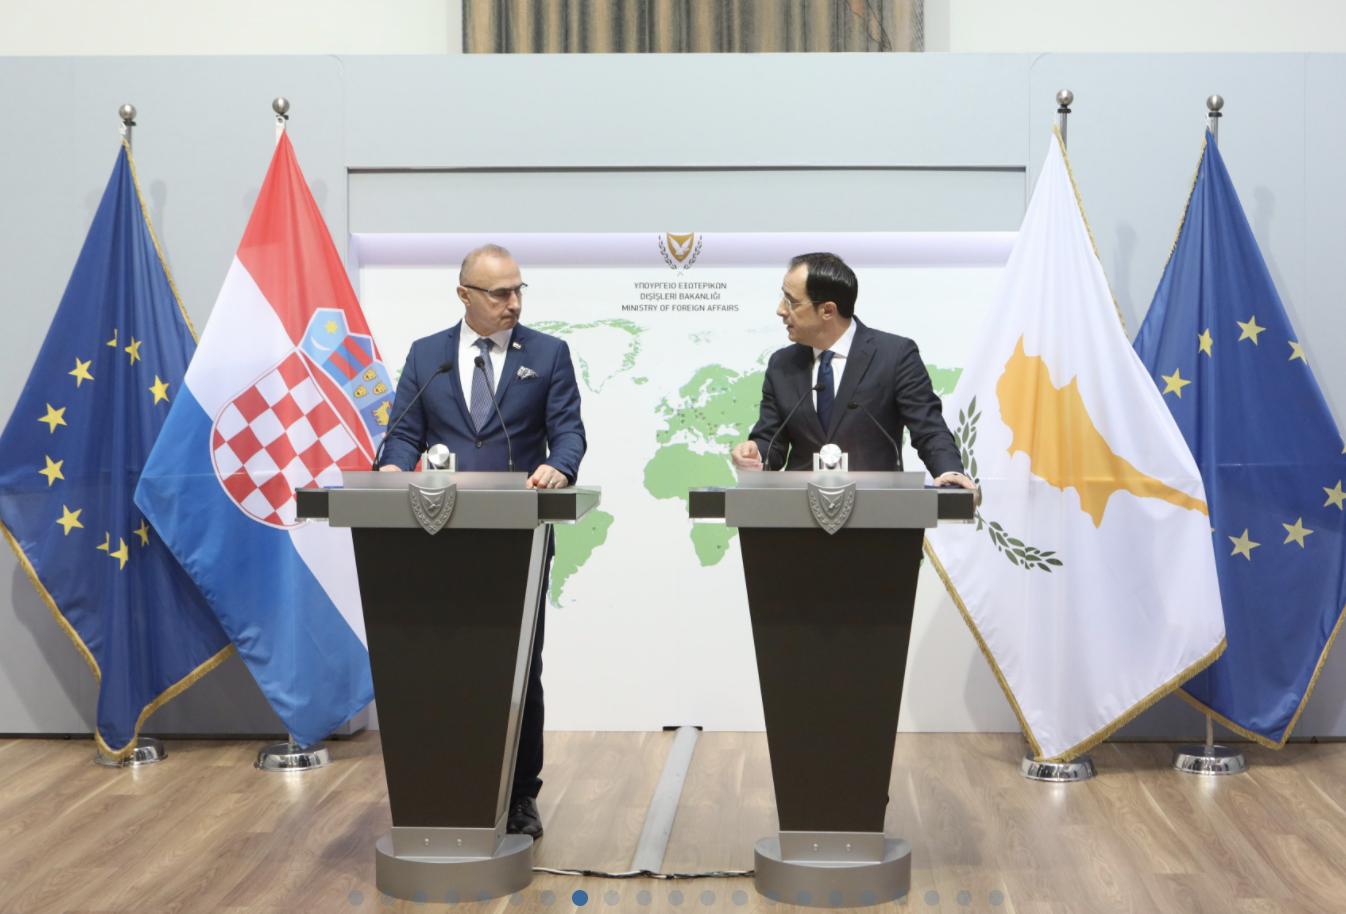 Κροατία: Την εμβάθυνση των διμερών σχέσεων και της συνεργασίας συζήτησαν Grlić Radman Χριστοδουλίδης στην Λευκωσία